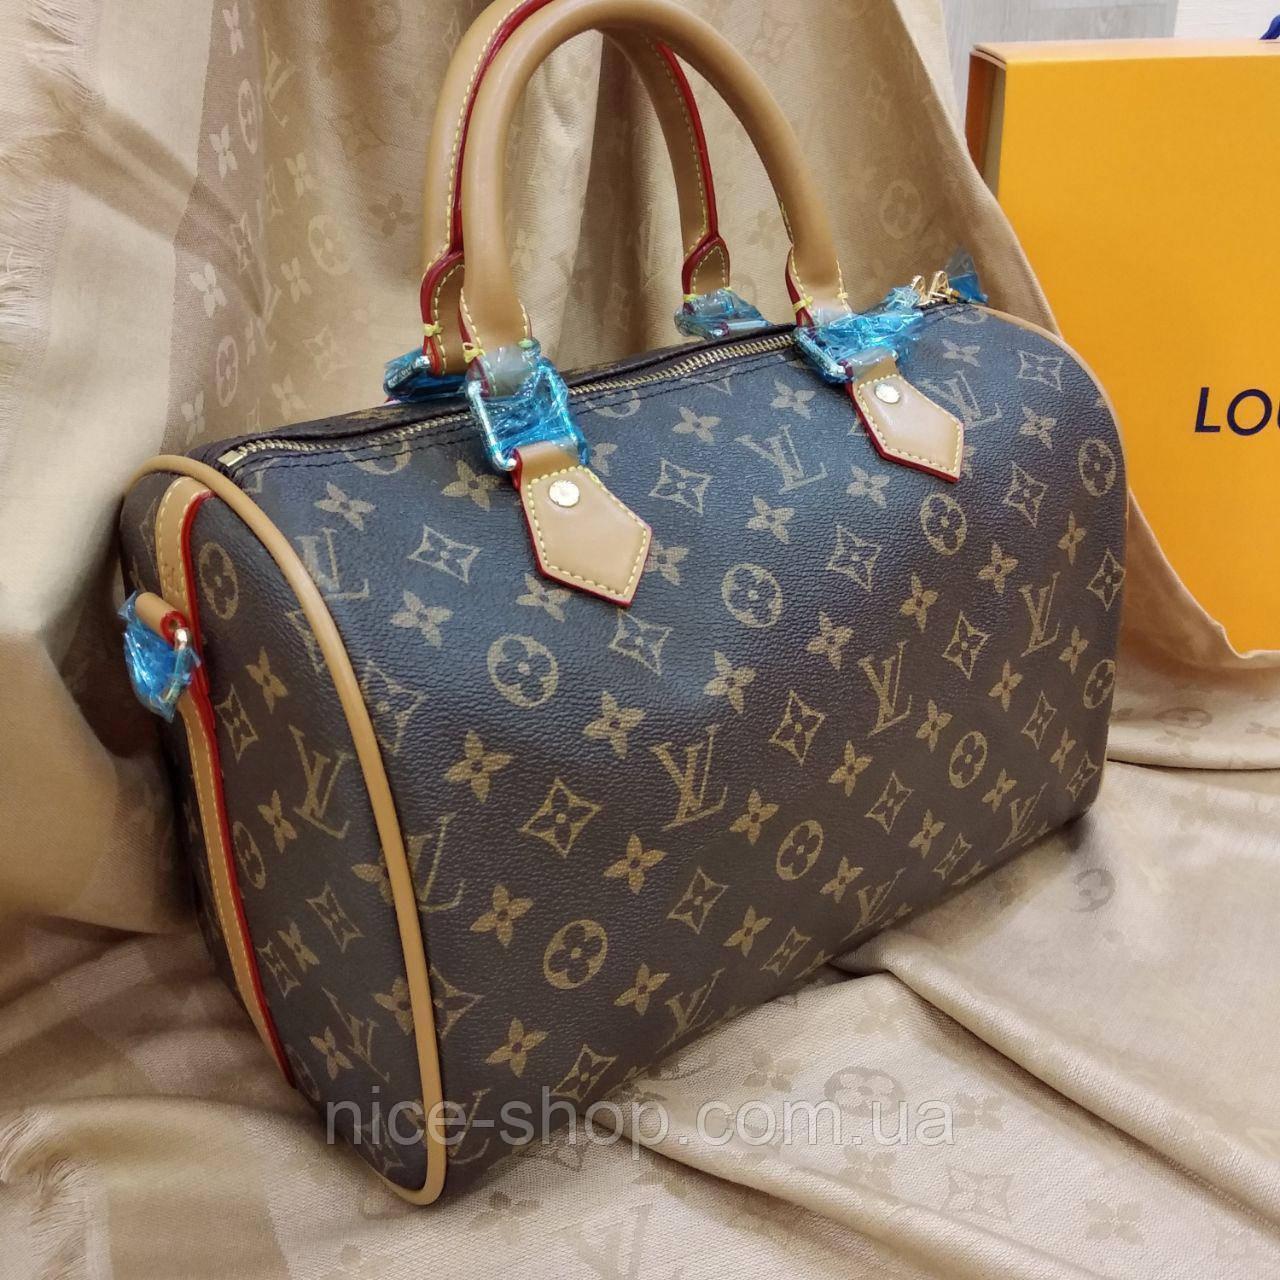 Сумка Louis Vuitton Speedy 30 см, монограмм